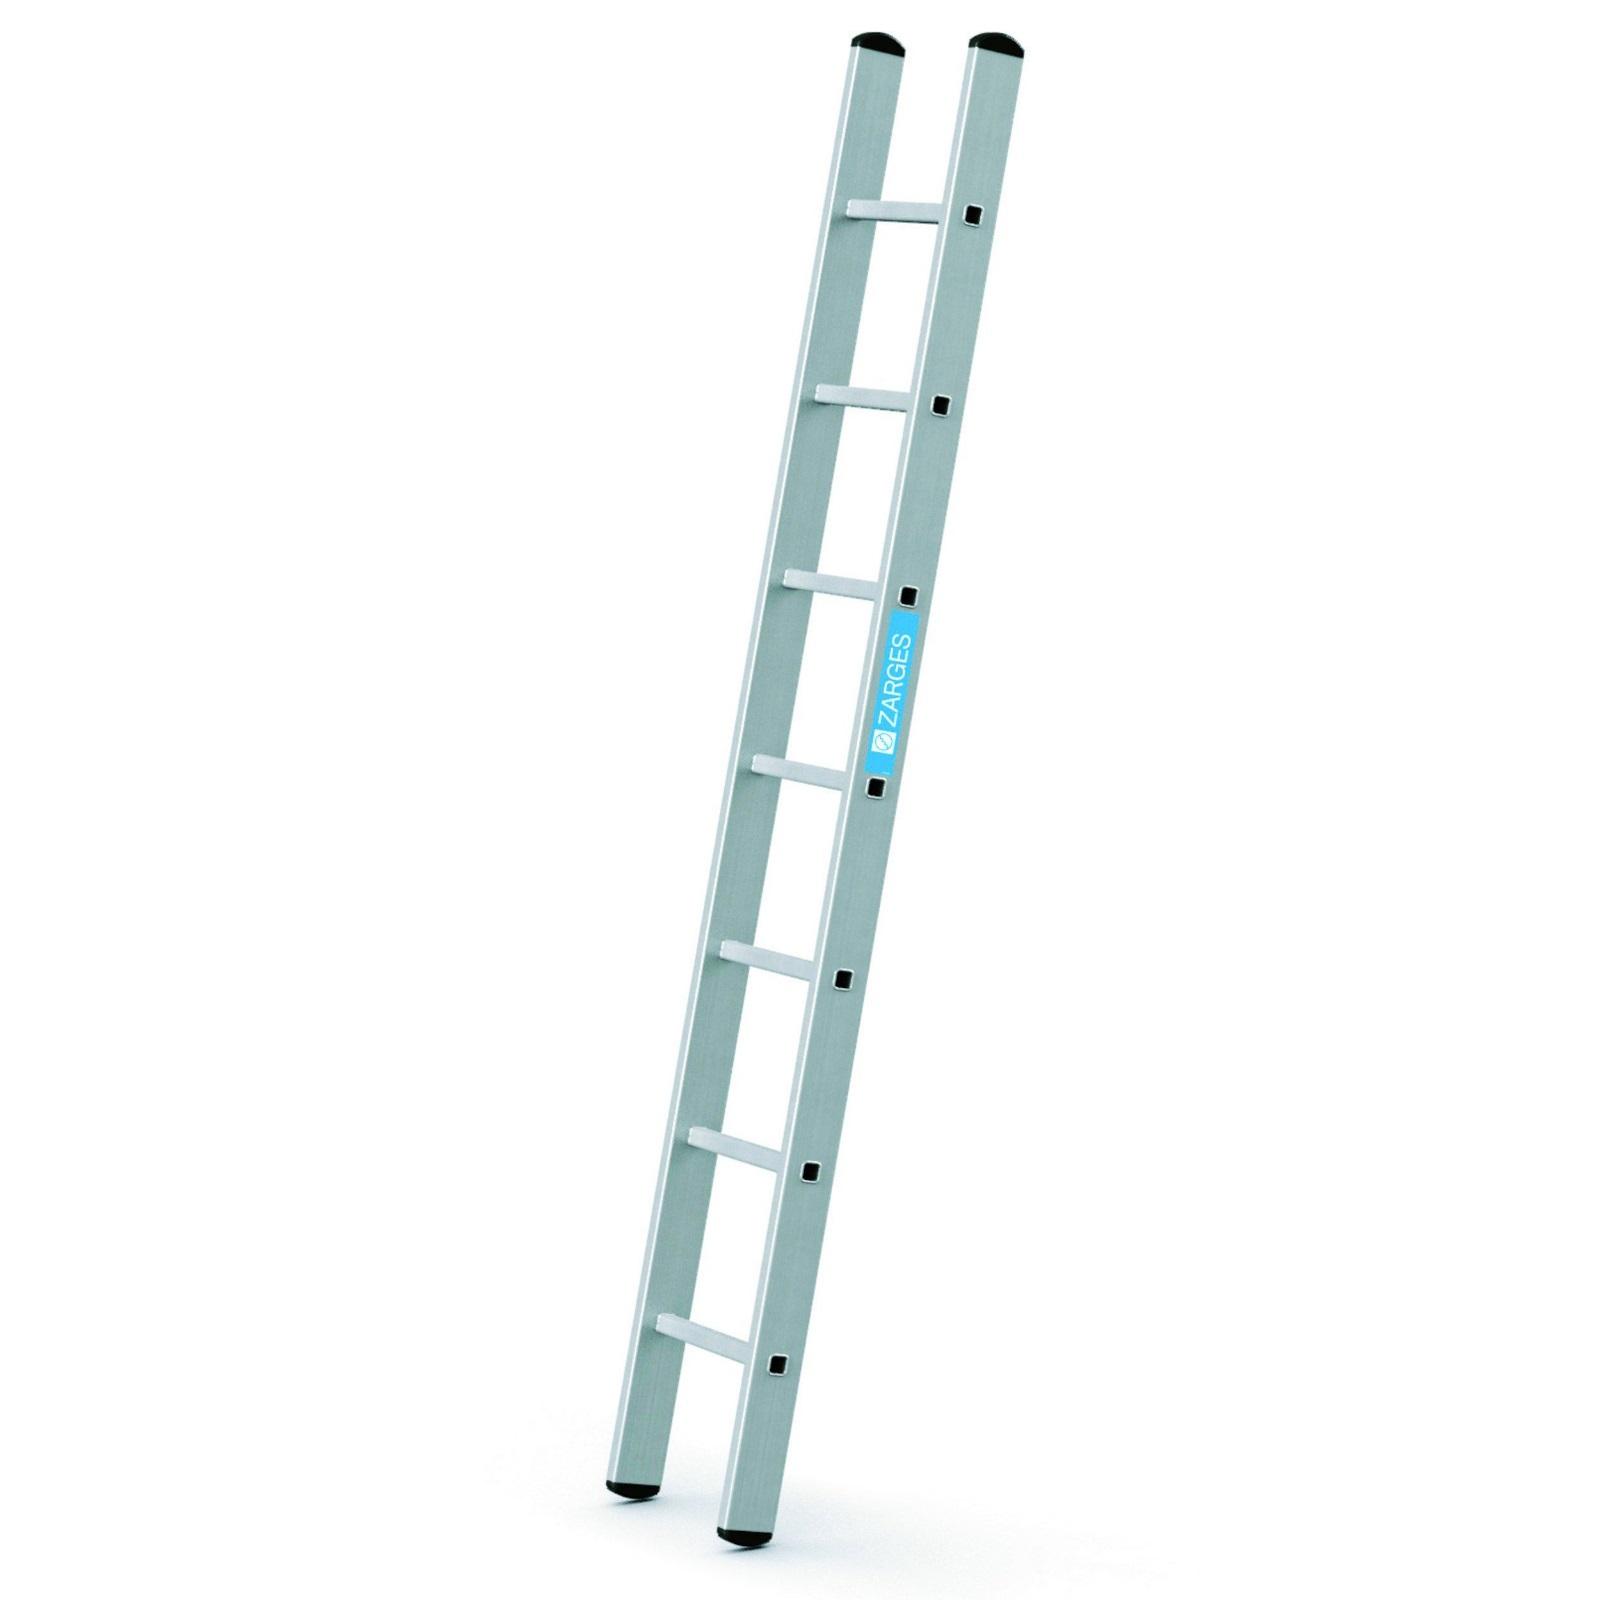 Arbeitshöhe 3,05 m 41547 Zarges Alto L 7 Sprossen Leiterlänge 2,21 m